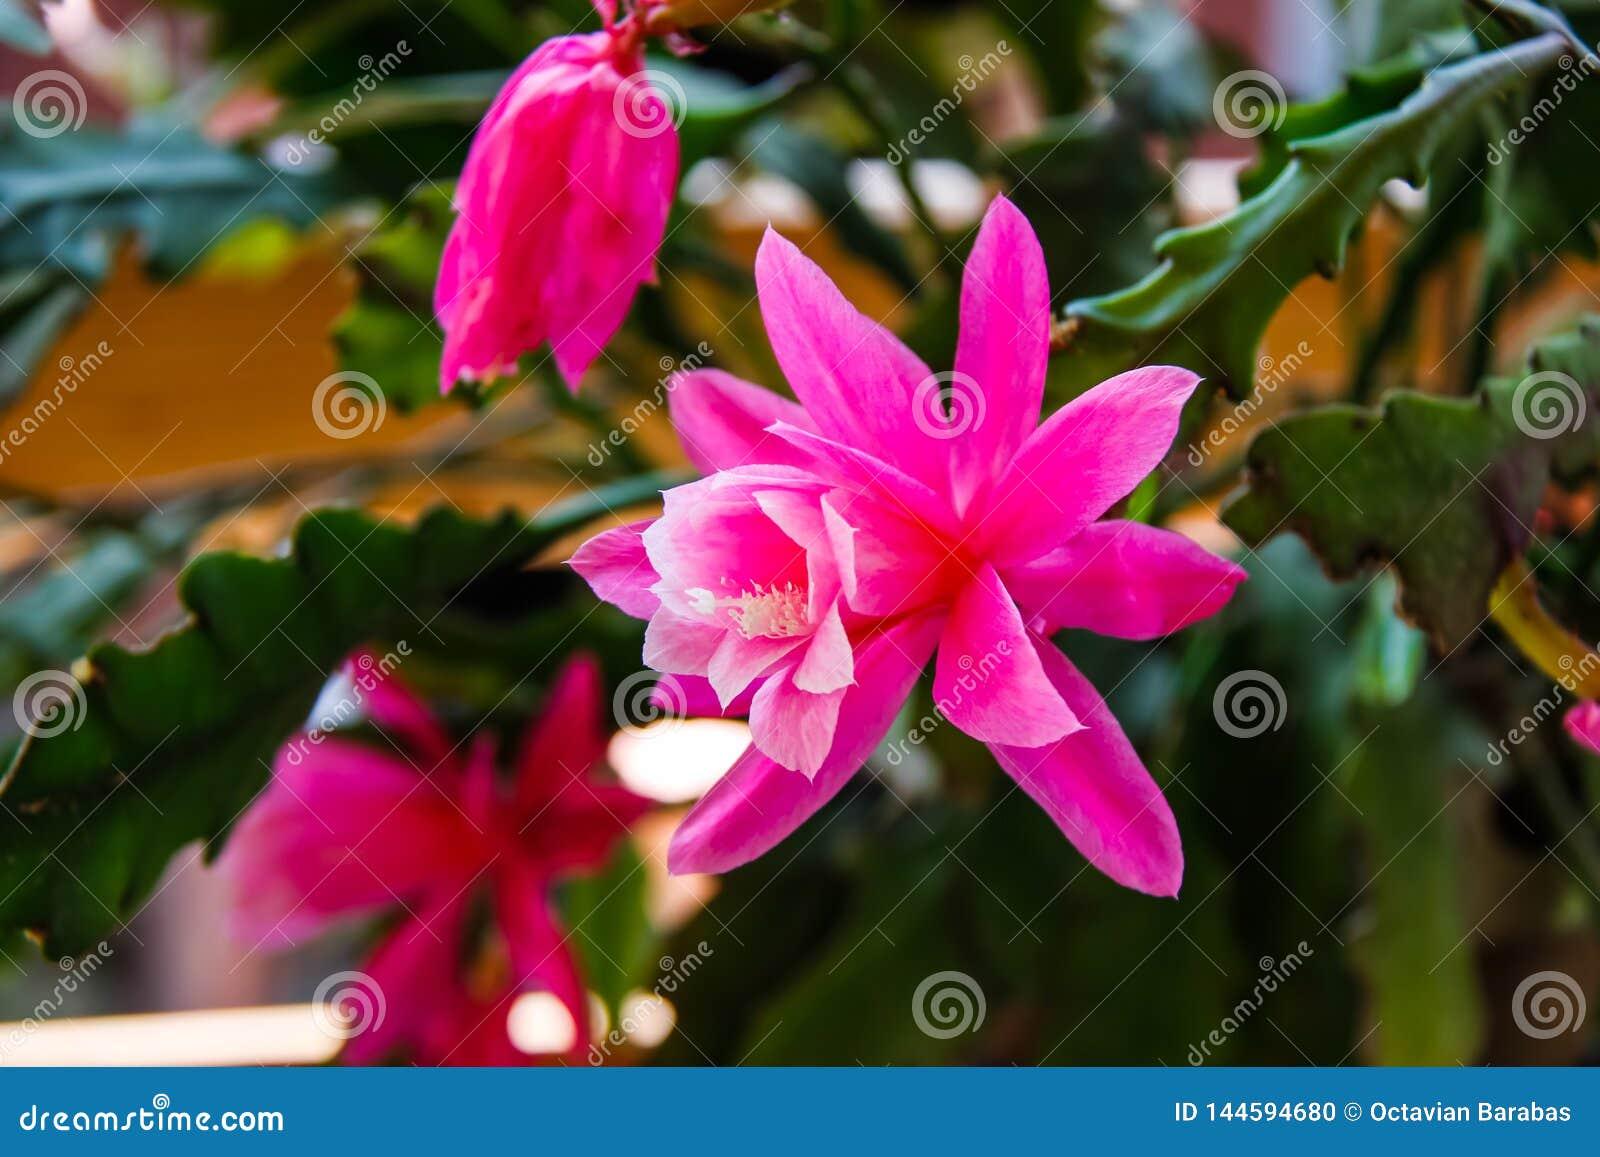 Big open Geranium flower in beautiful pink